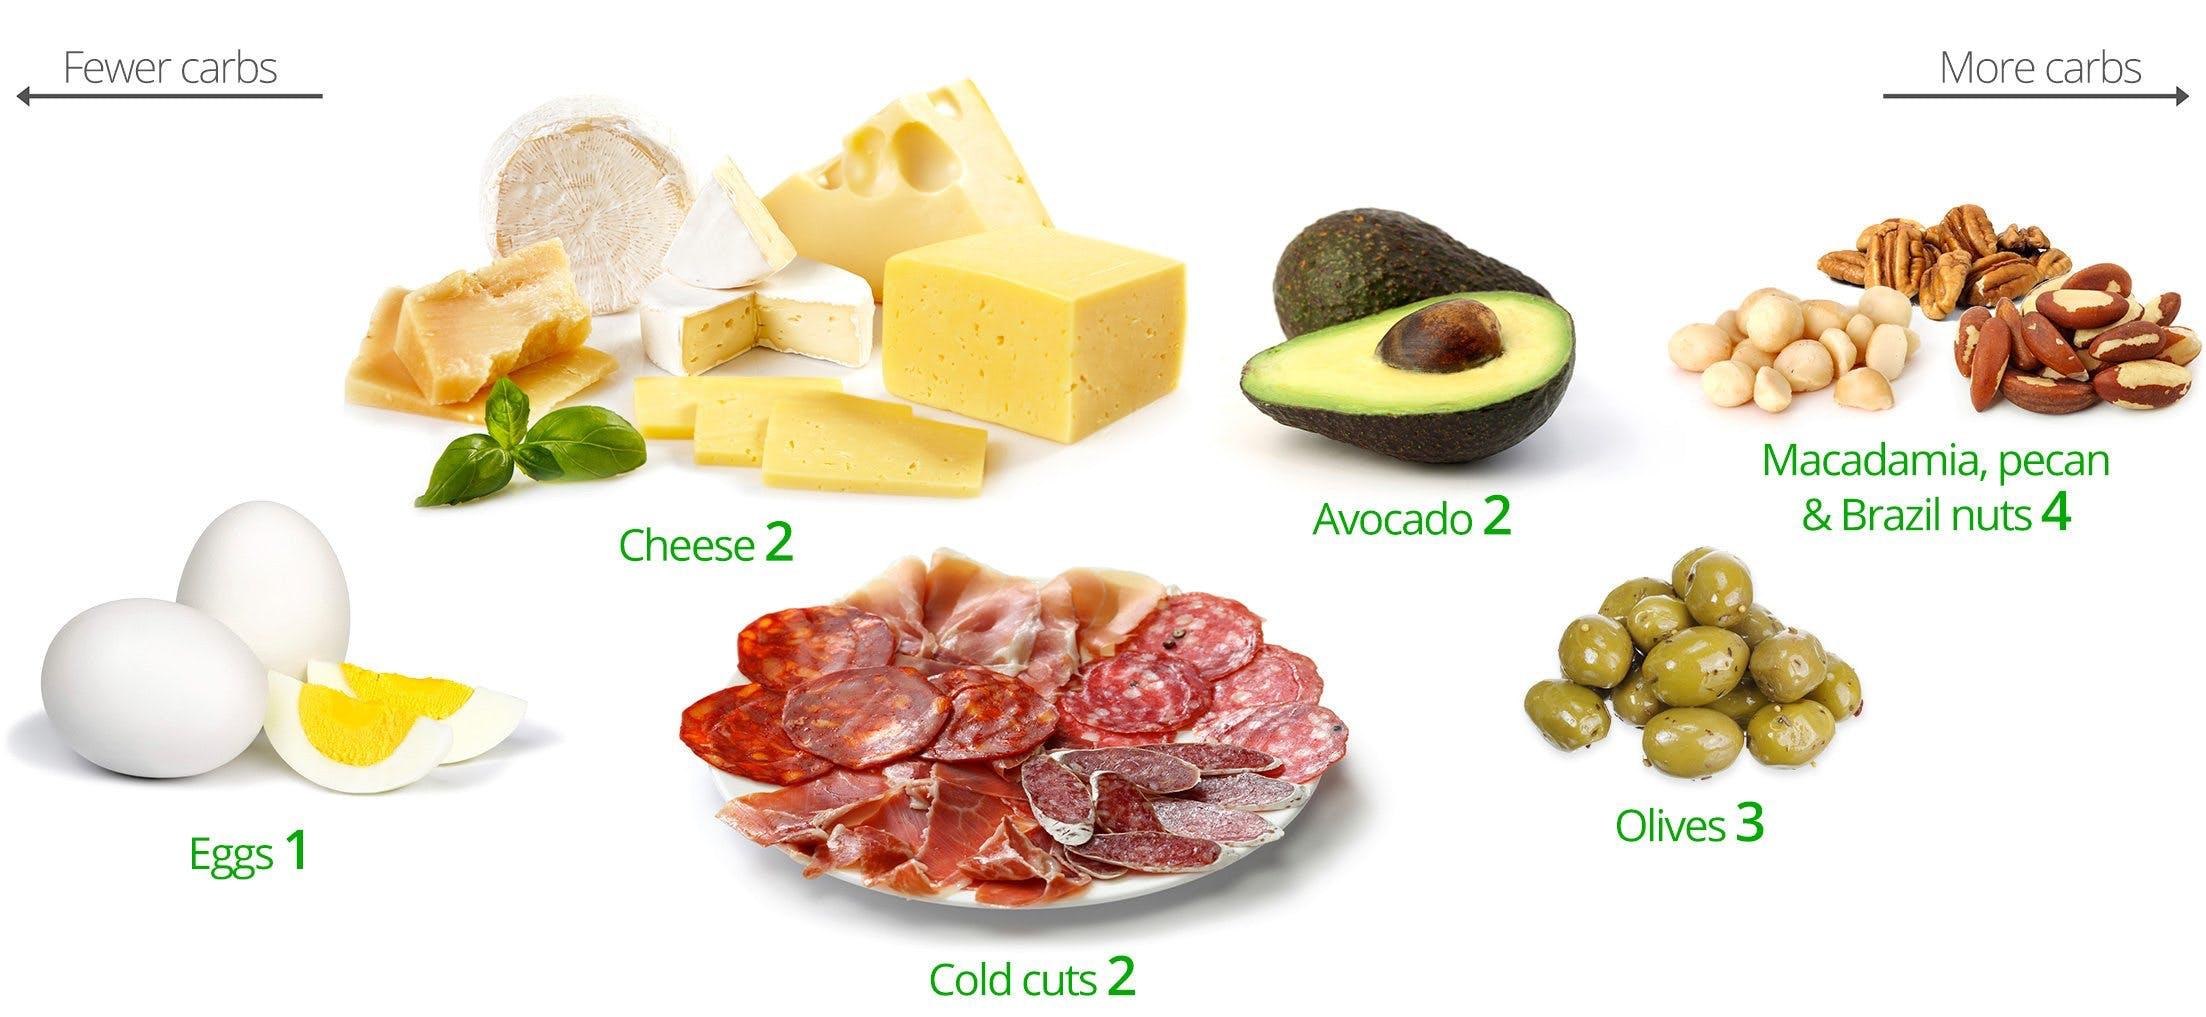 nutritionist Keto diet plan